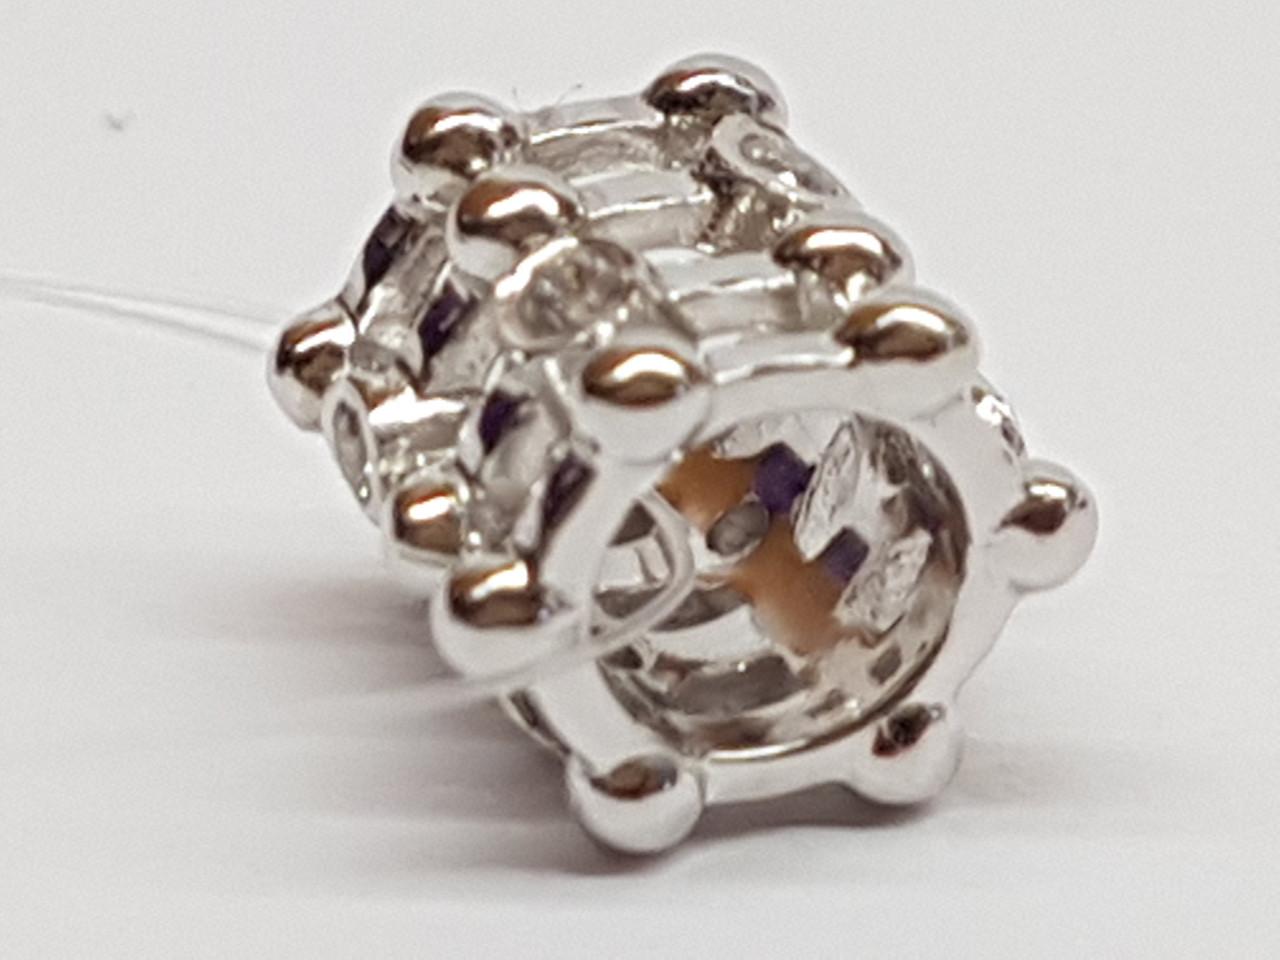 Серебряная подвеска-шарм с фианитами. Артикул 903-00760